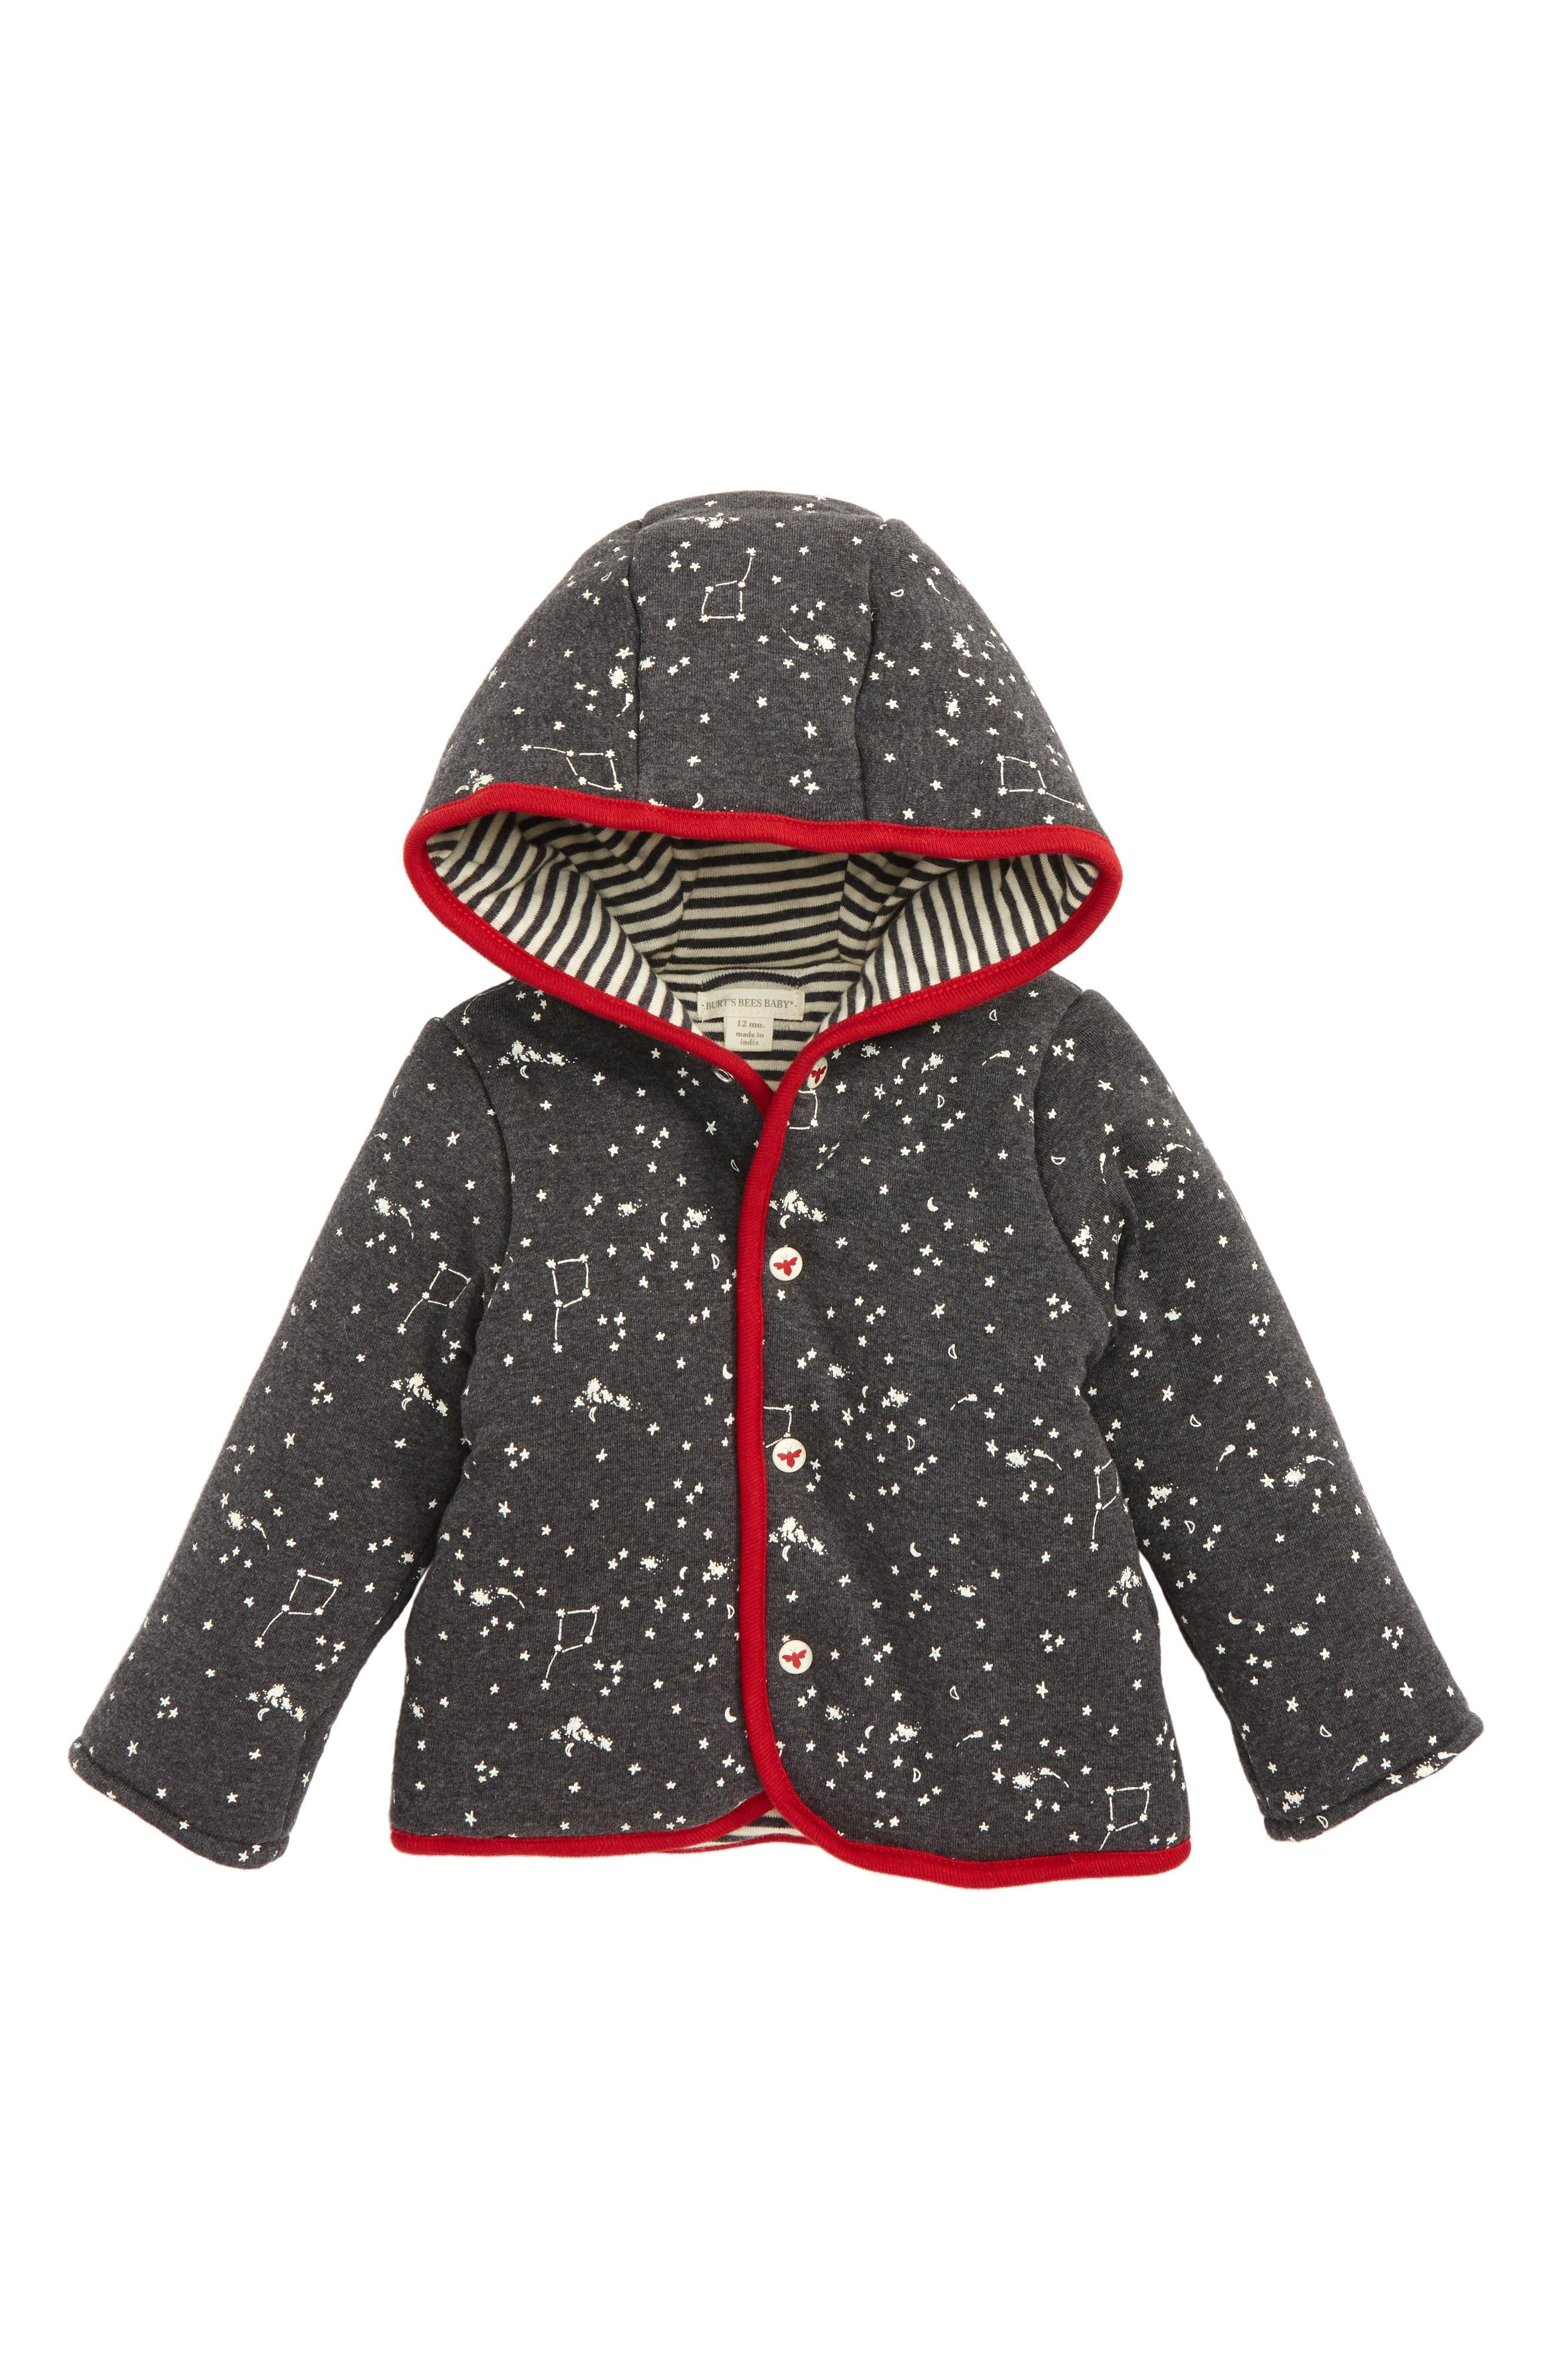 Burt's Bees Reversible Organic Cotton Hoodie (Baby)